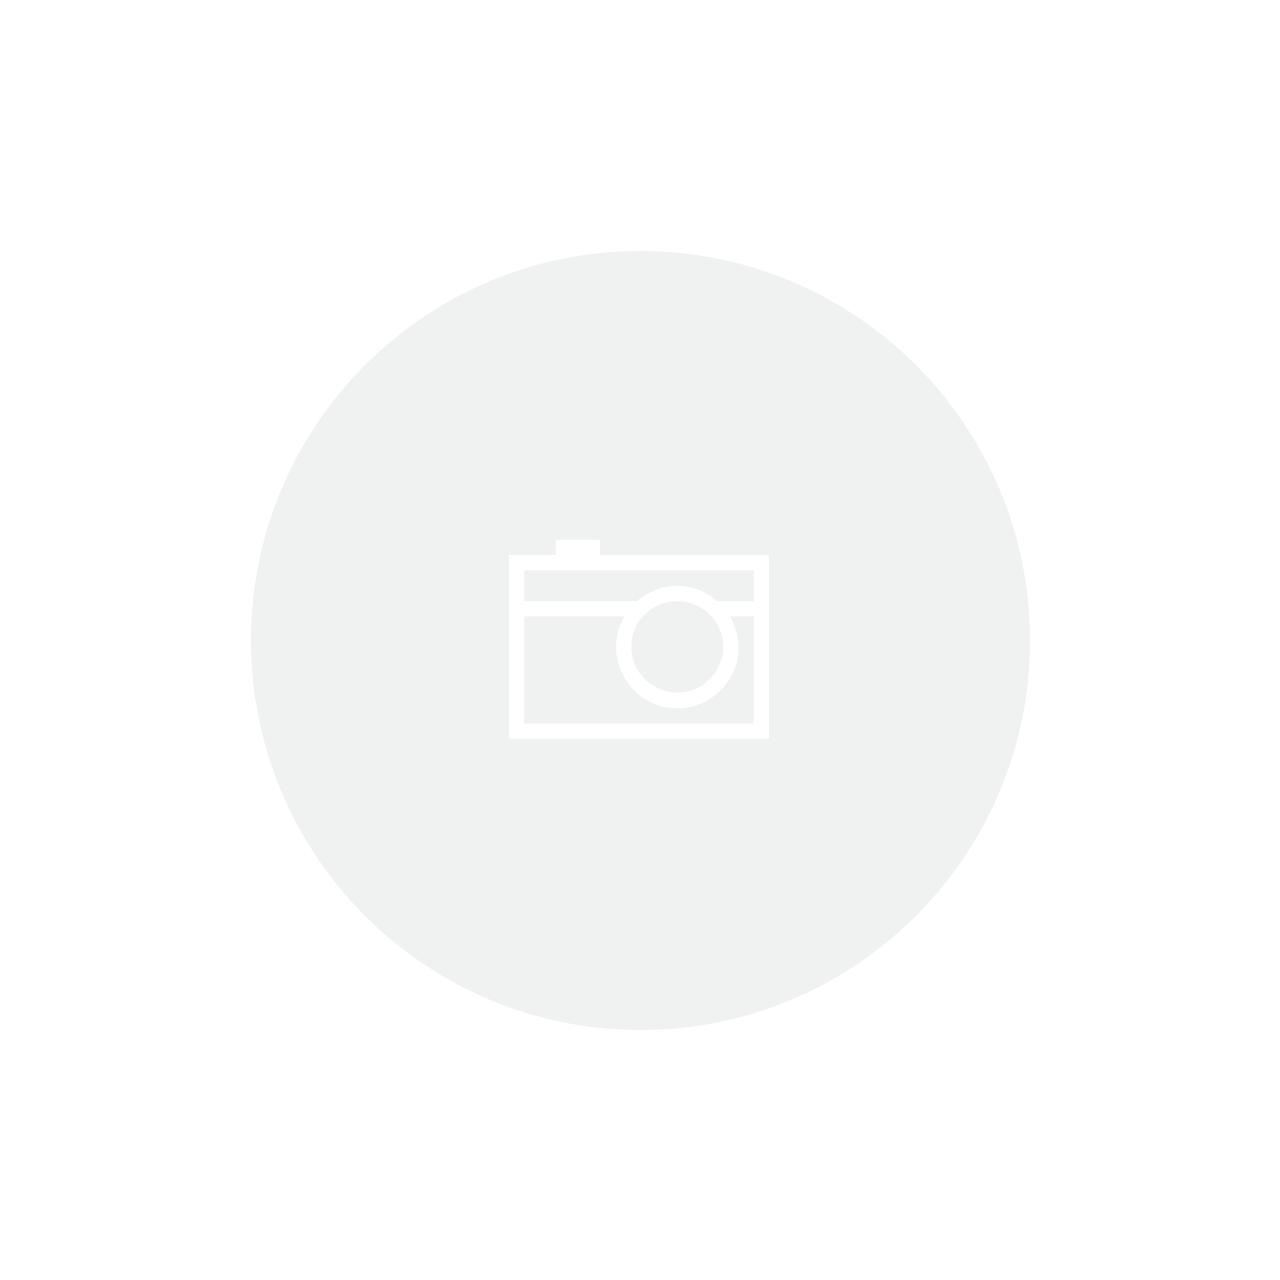 Alavanca/Lingueta A6 Slim ou Comfort